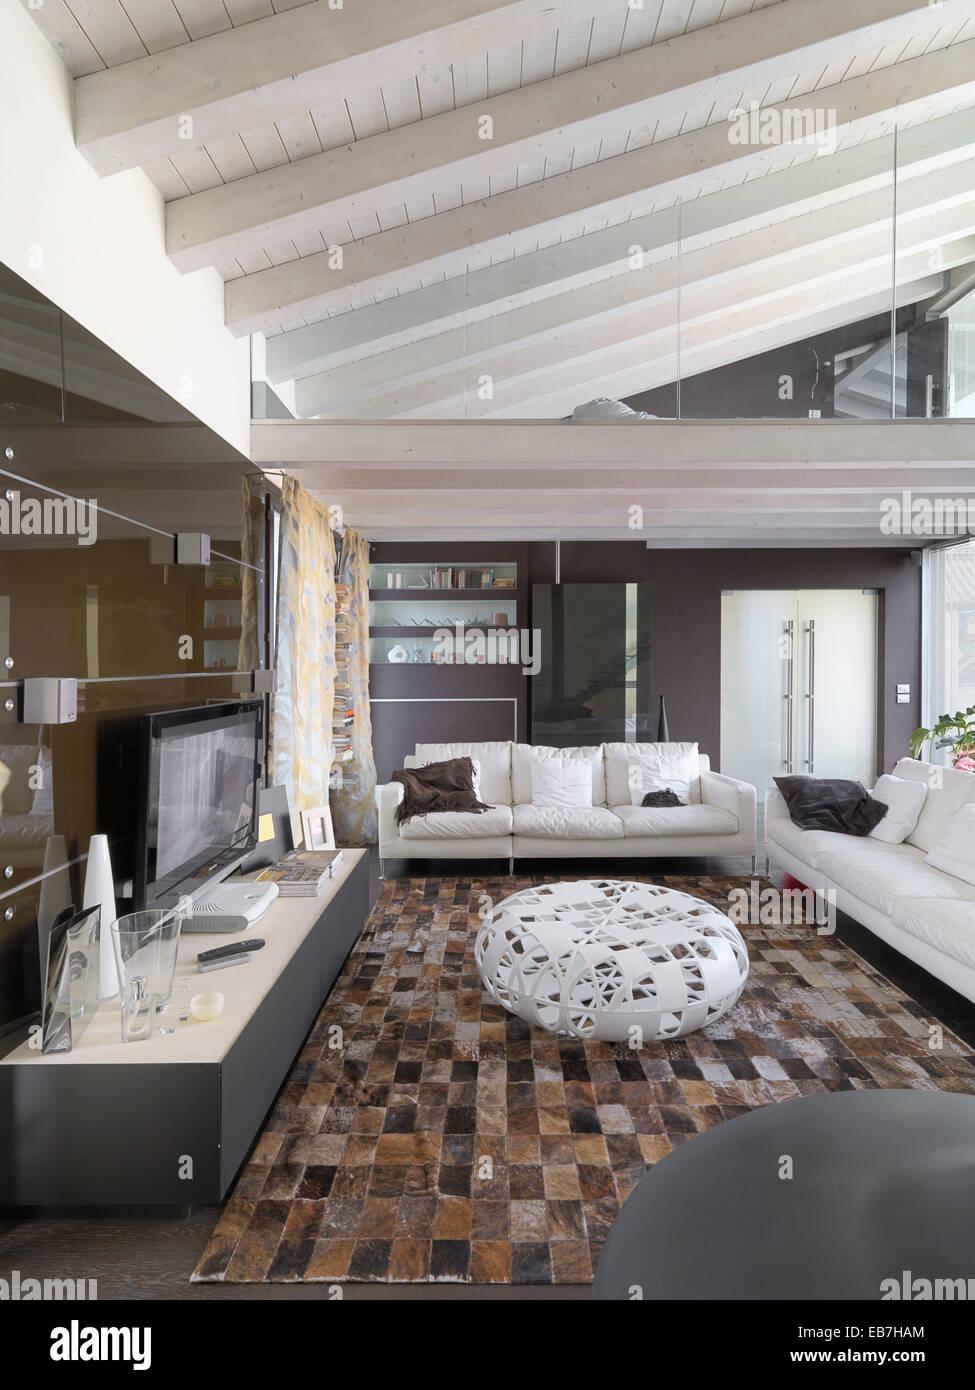 Vue intérieure d'un salon moderne dans le penthouse avec plafond en bois et de tapis Photo Stock